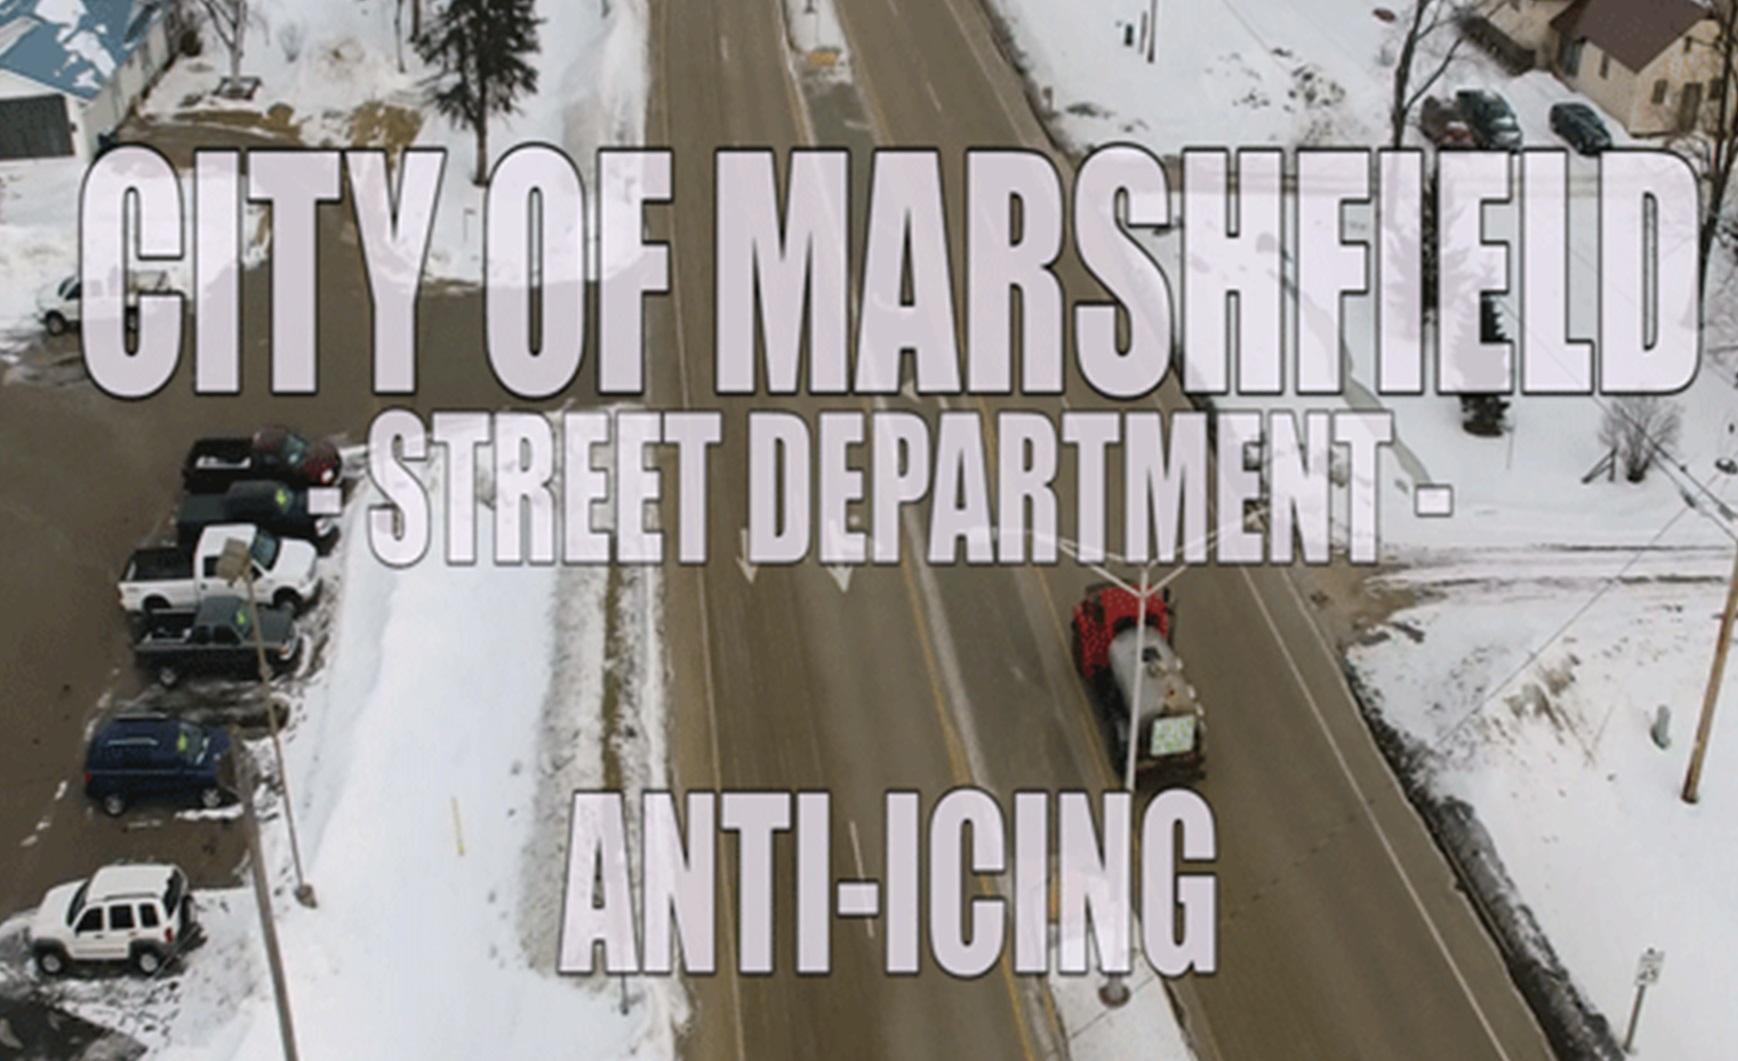 Anti-Icing in Marshfield, WI